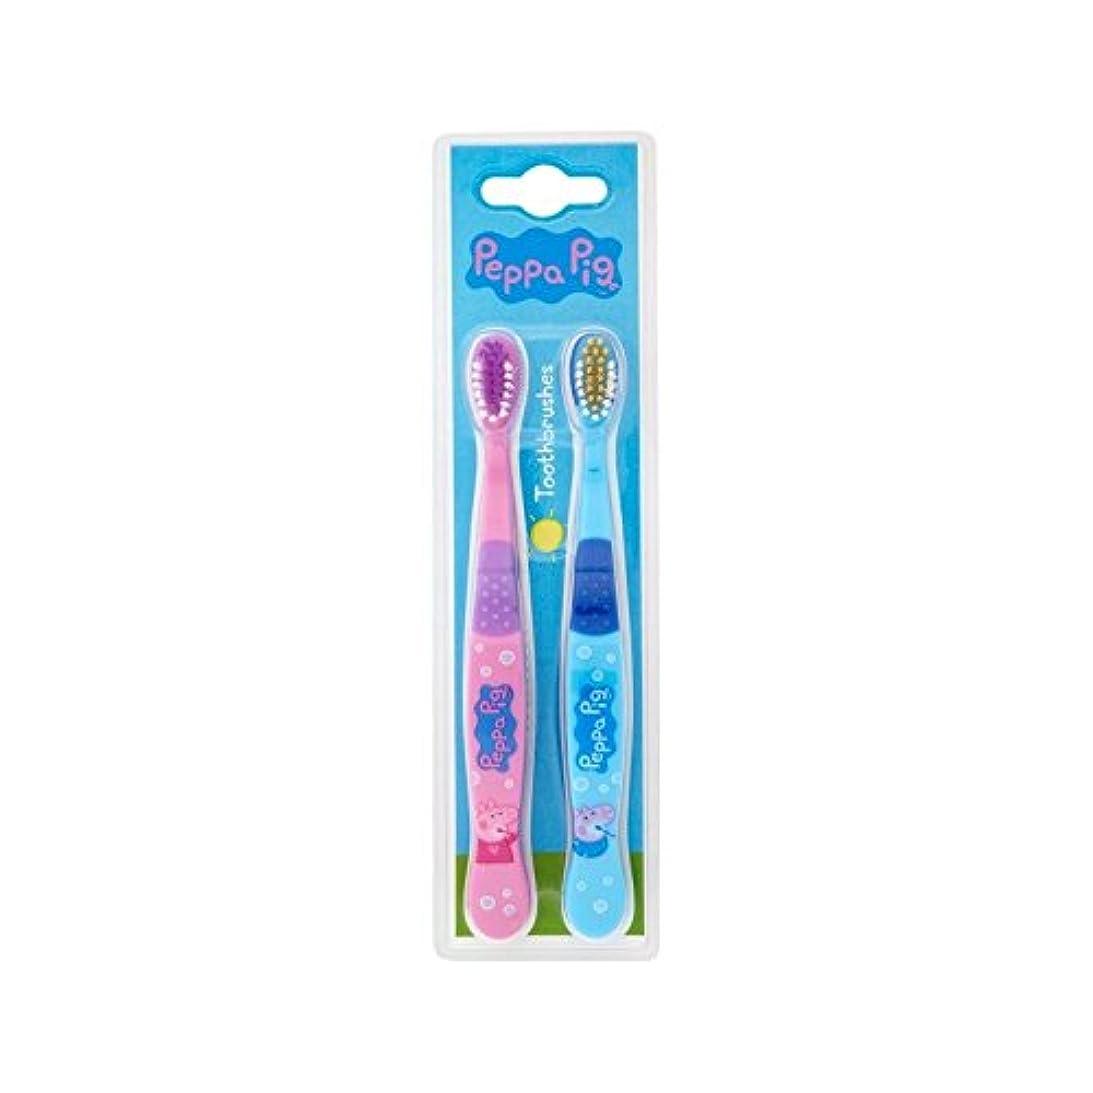 かろうじて食物アクティビティ1パックツイン歯ブラシ2 (Peppa Pig) (x 2) - Peppa Pig Twin Toothbrush 2 per pack (Pack of 2) [並行輸入品]